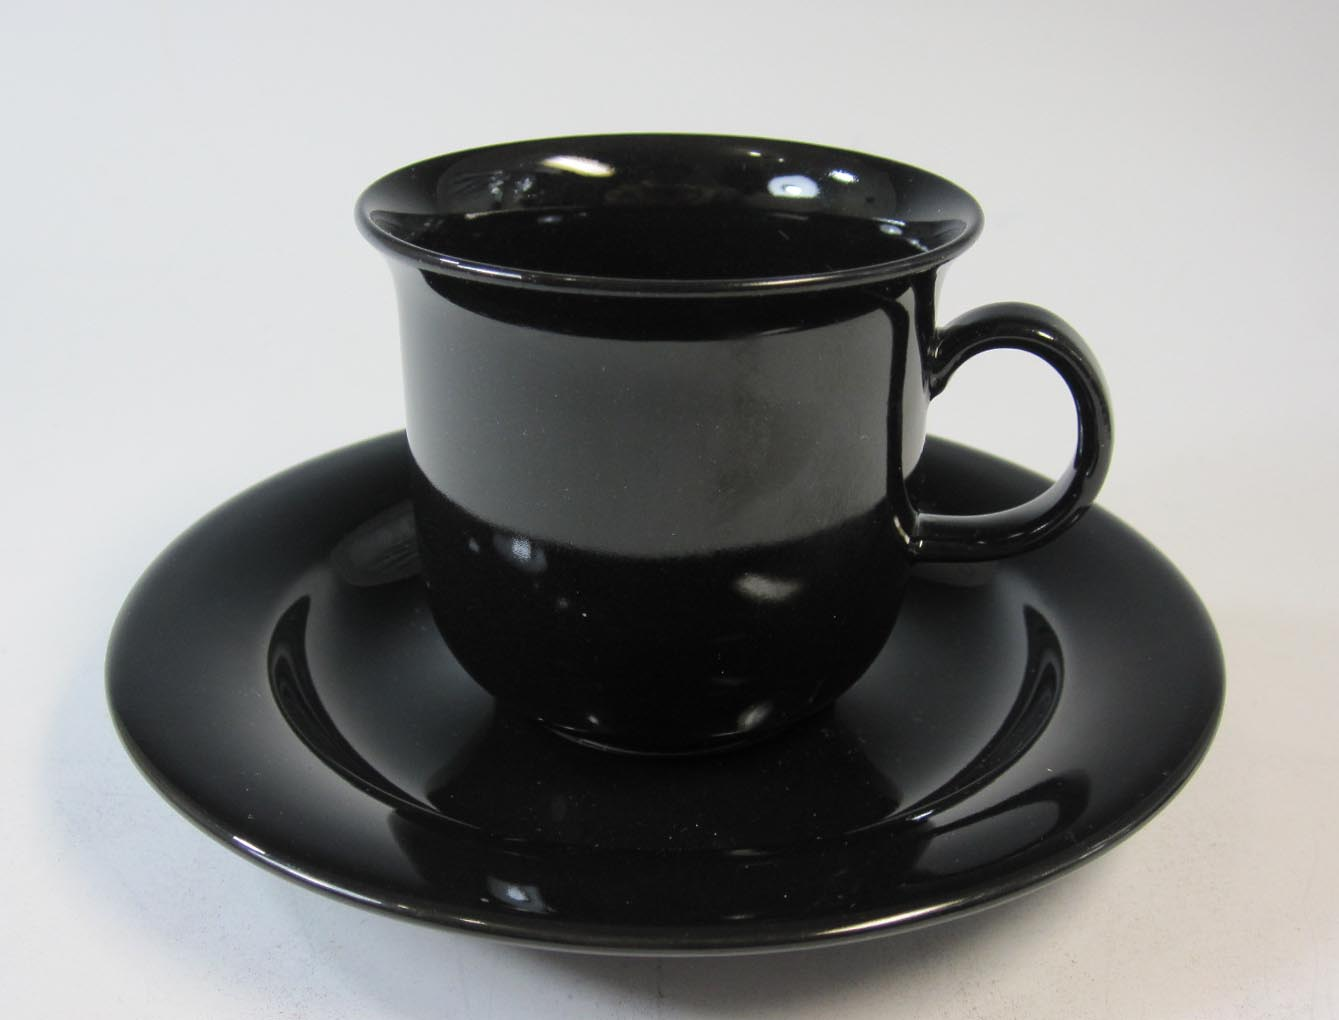 アラビア ARABIA ブラックアーキティカ コーヒーカップ&ソーサー【アラビア廃盤品/個数限定】